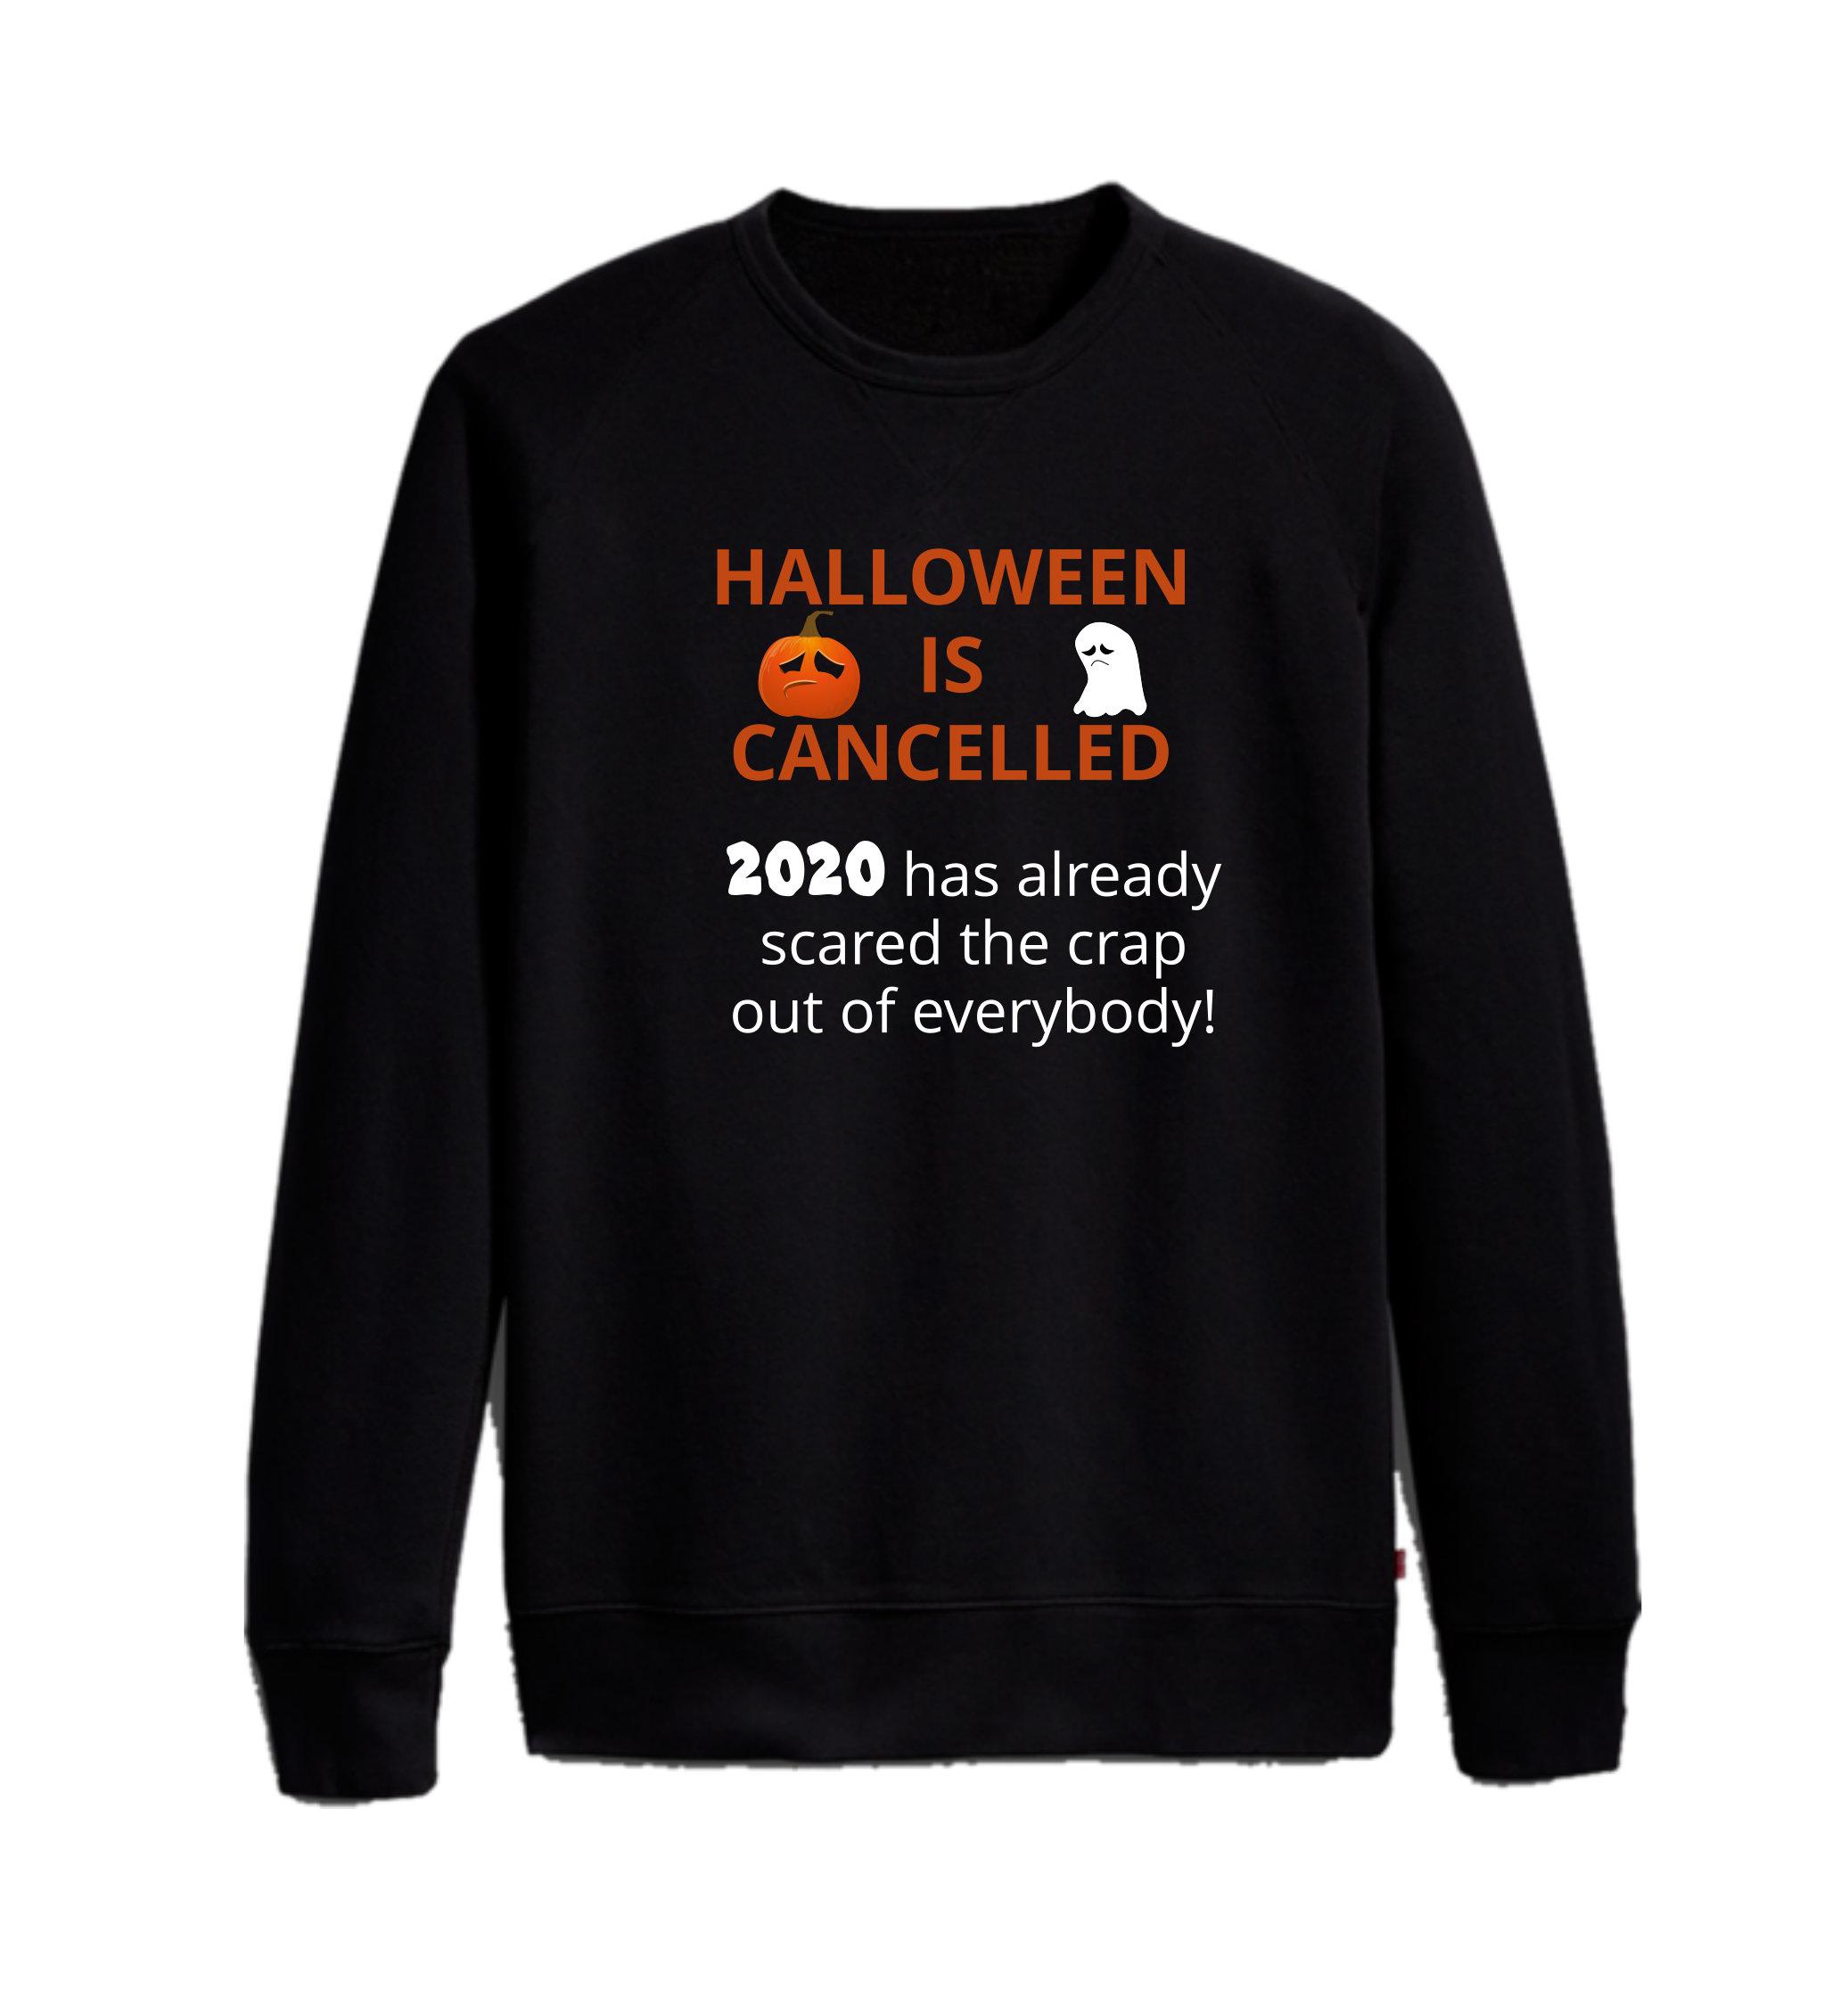 Haloween is Cancelled Sweatshirt/ Long sleeve tee